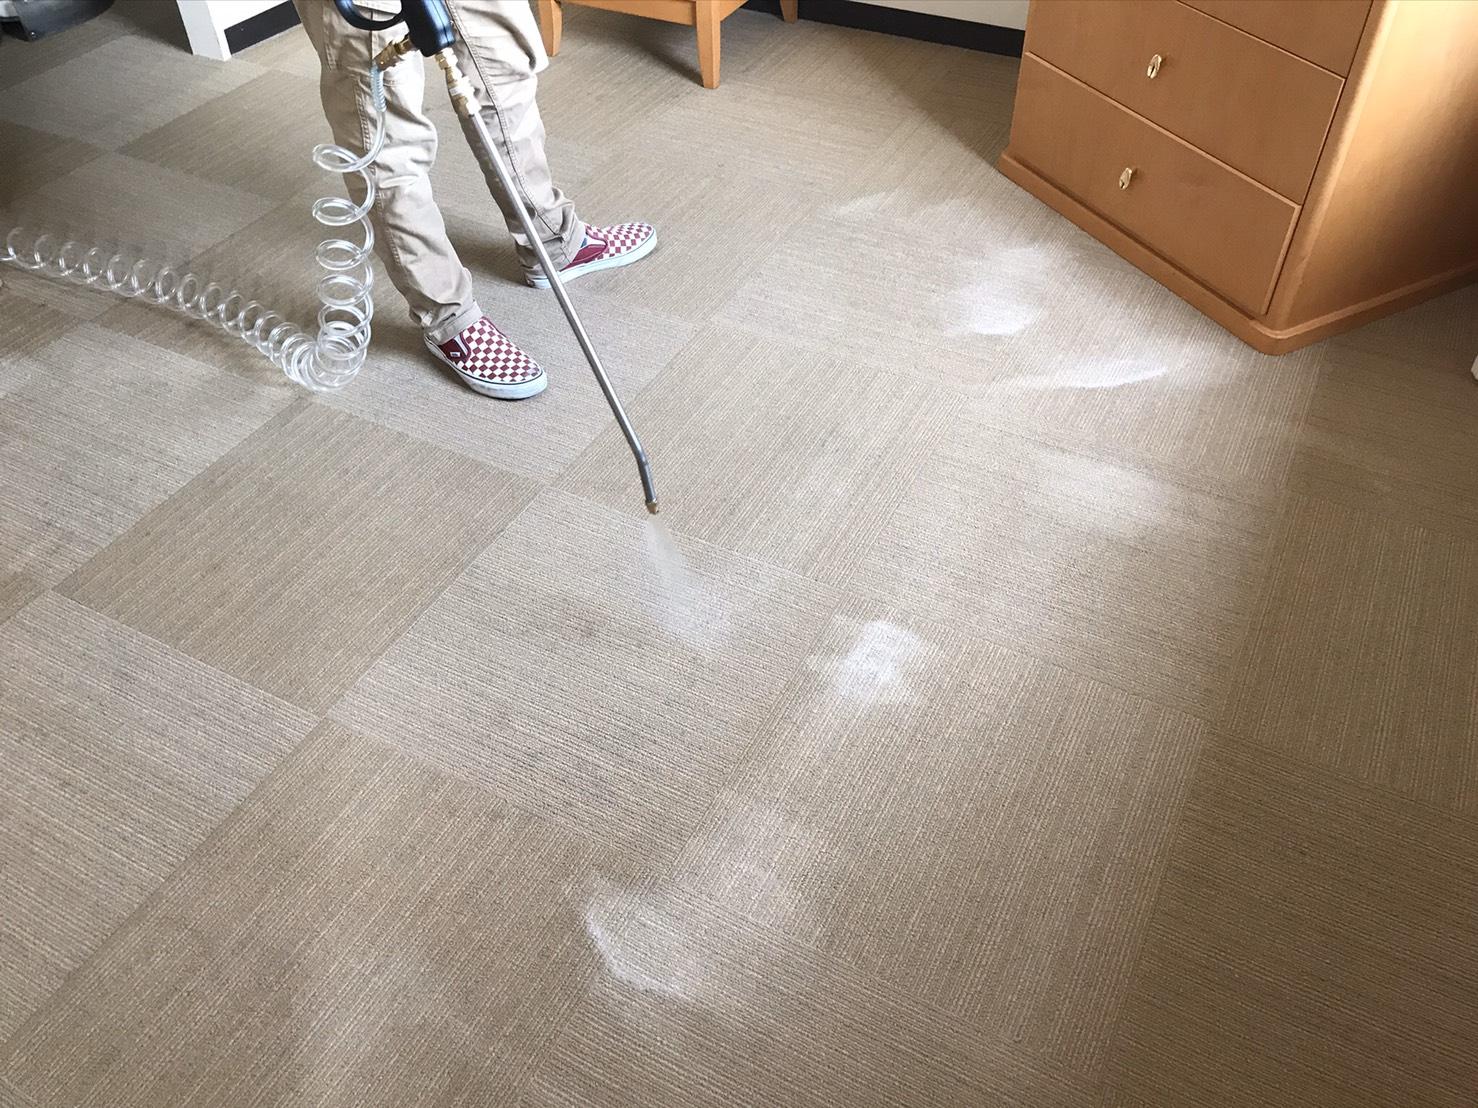 神奈川県_カーペット洗浄清掃業者2